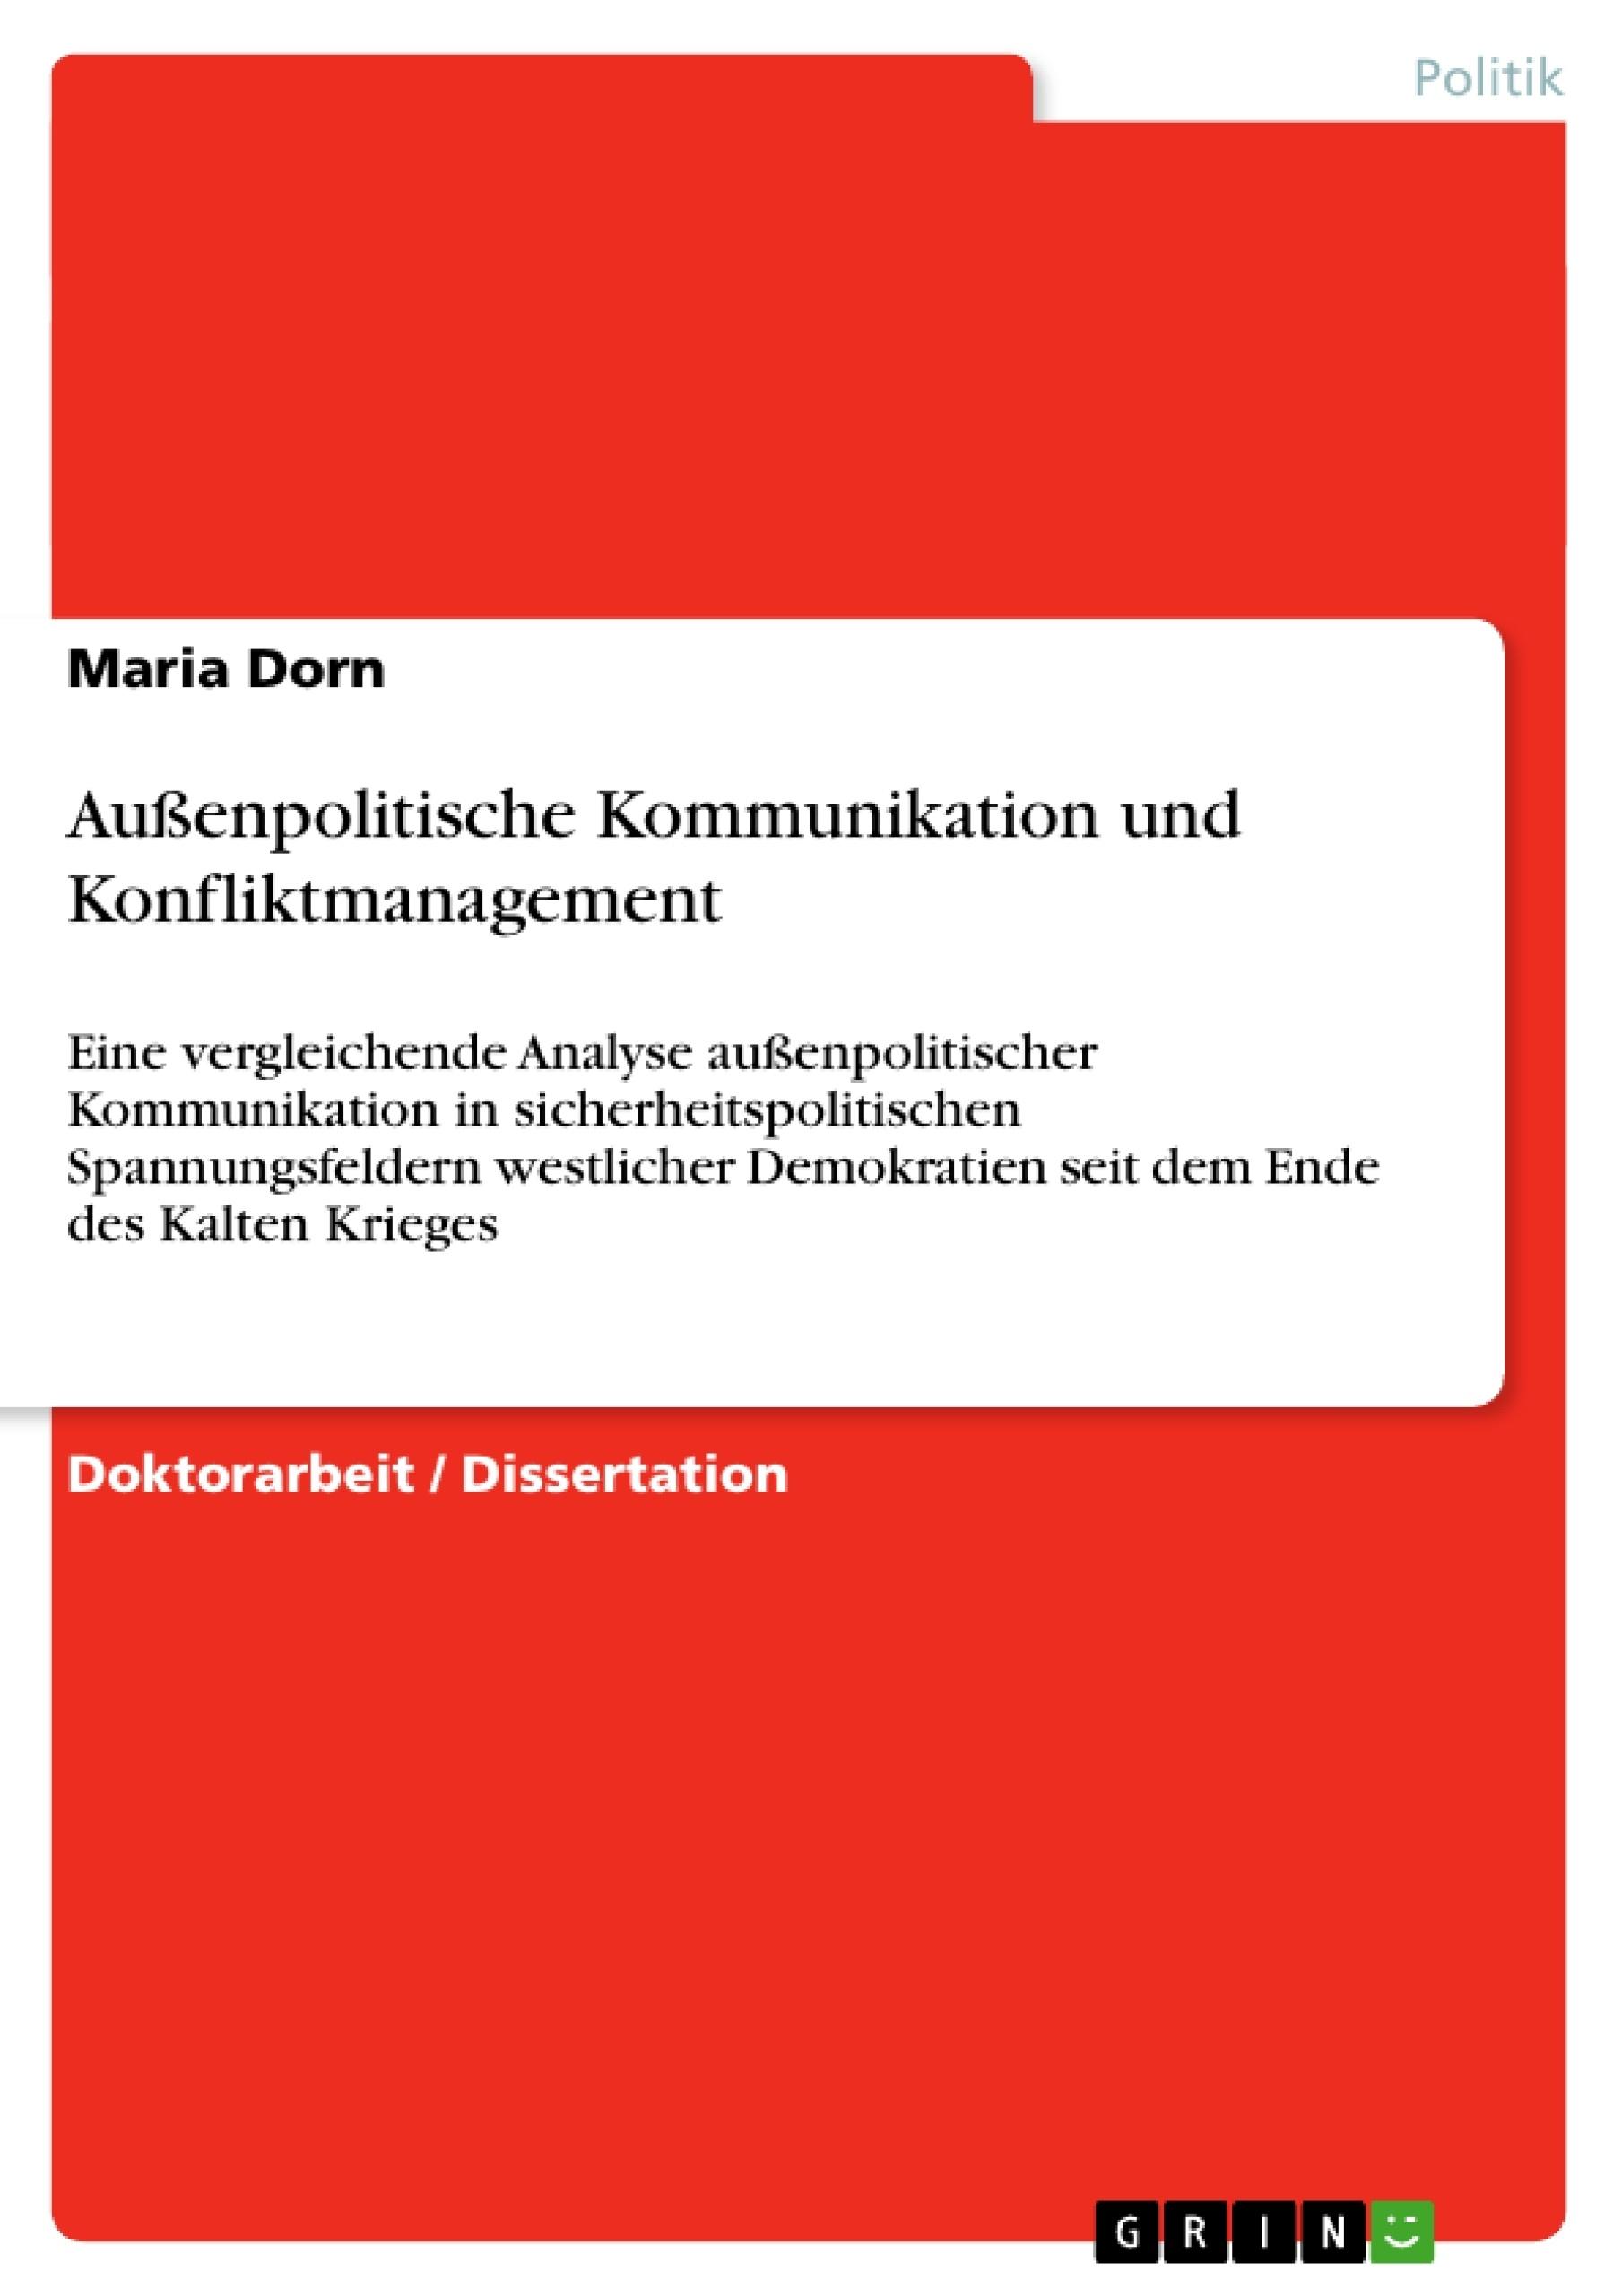 Titel: Außenpolitische Kommunikation und Konfliktmanagement